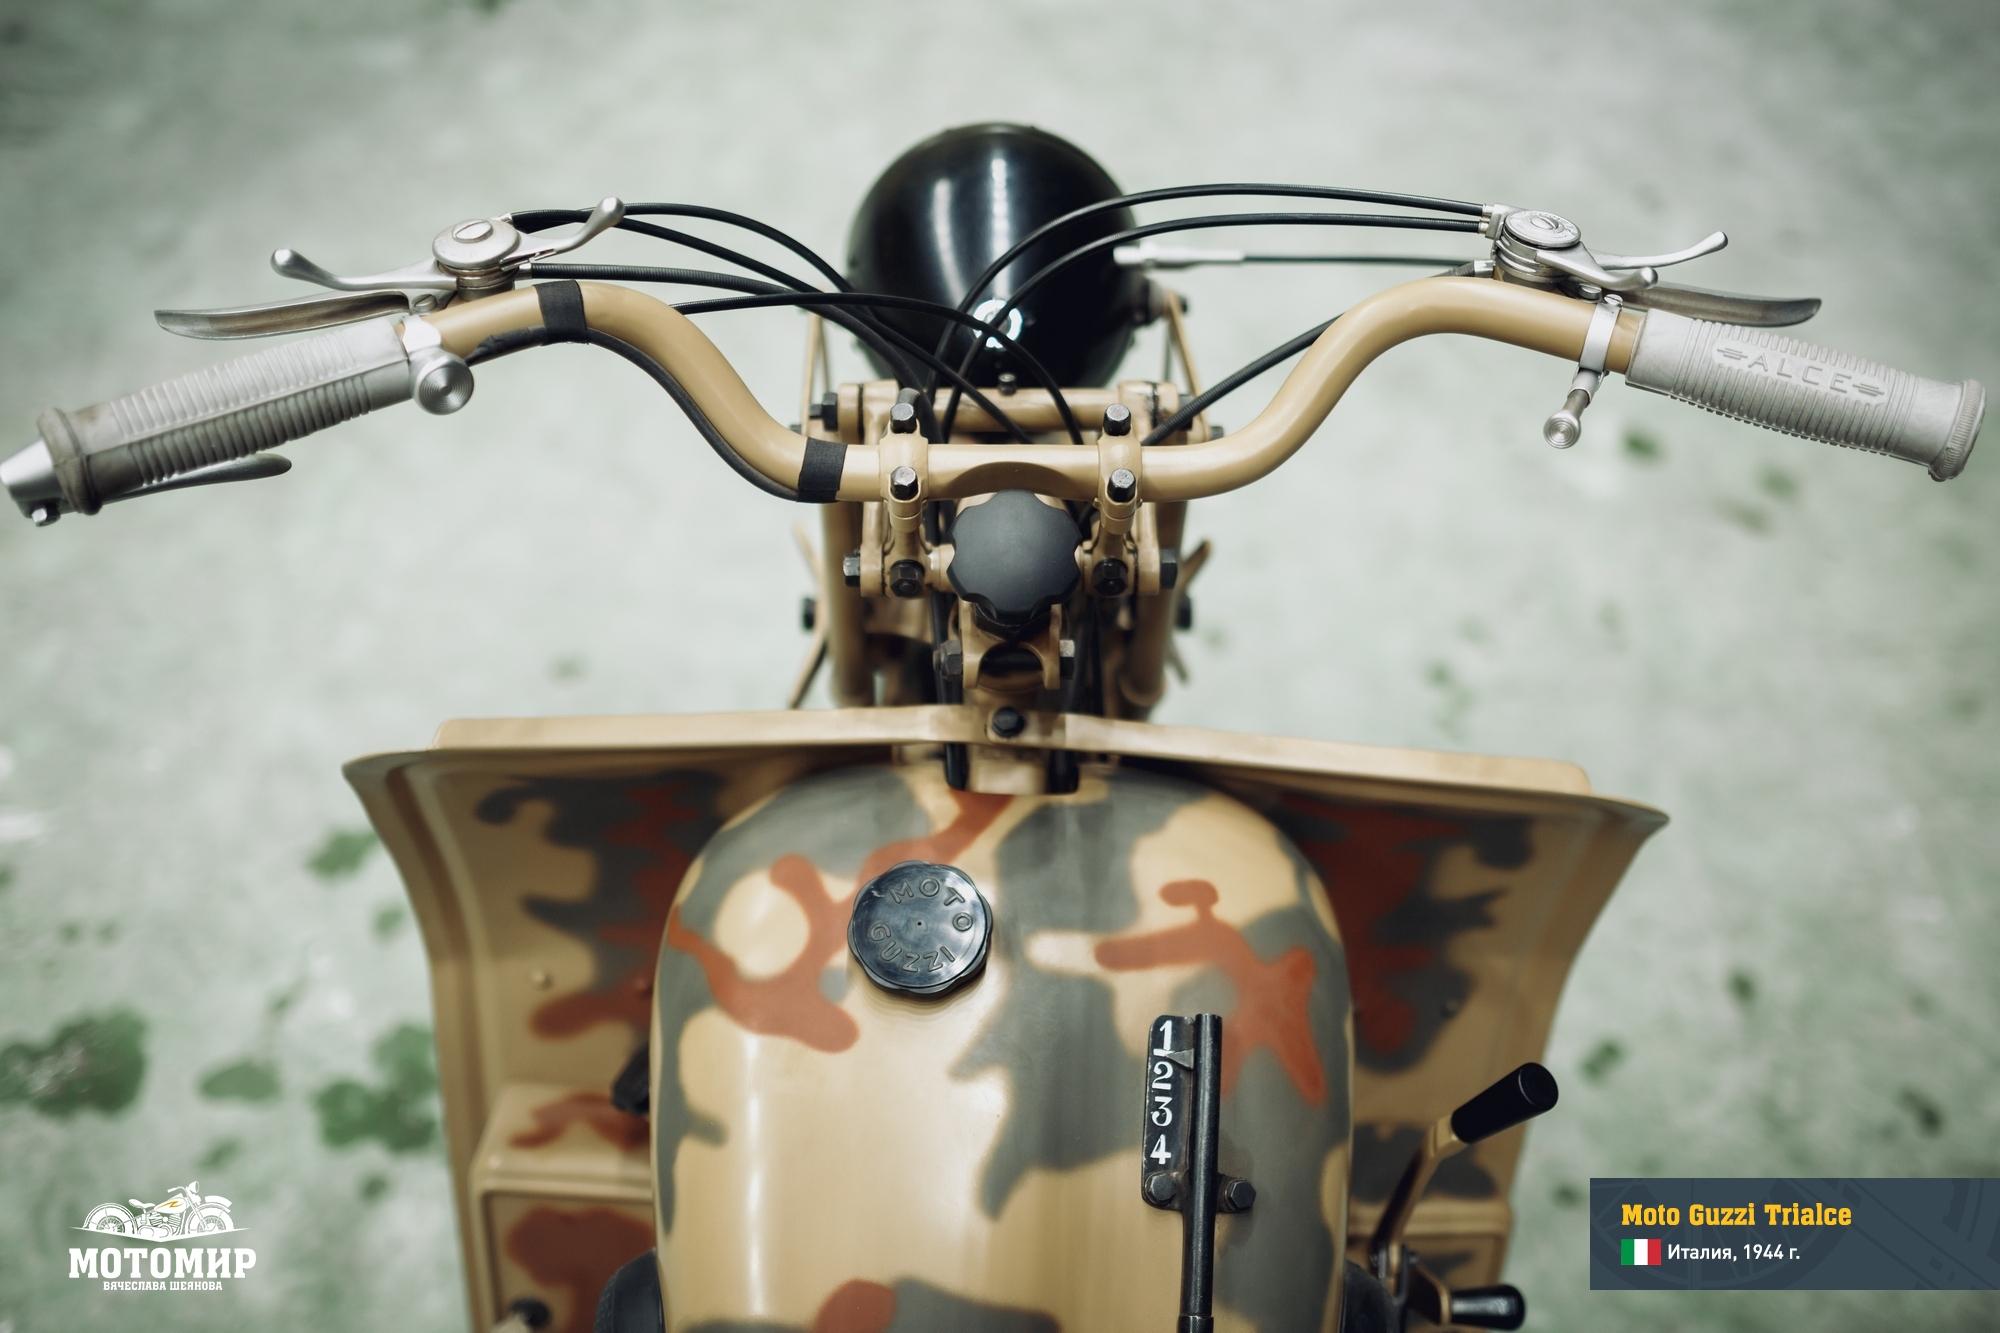 moto-guzzi-trialce-201502-web-24